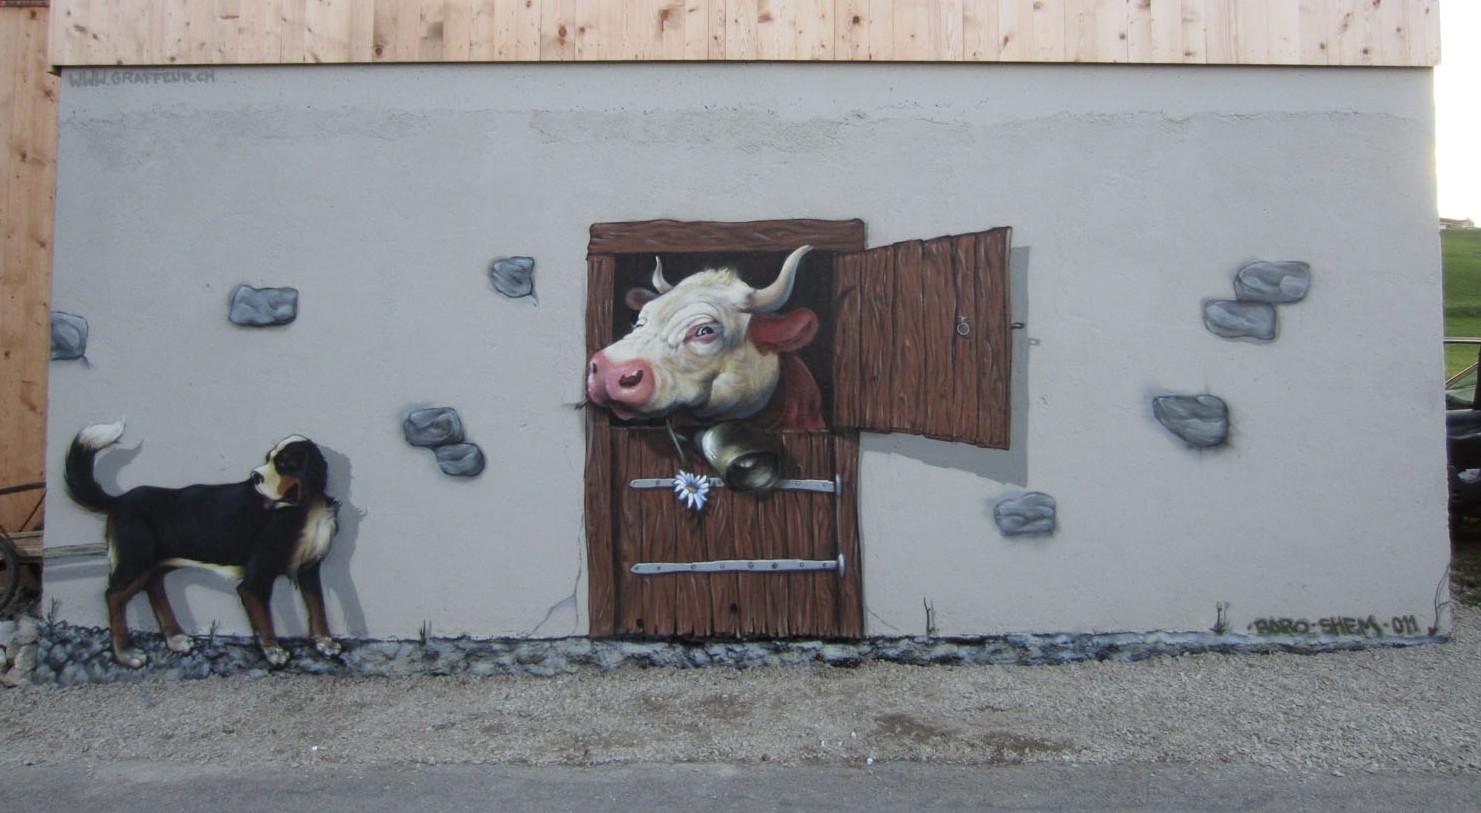 d coration trompe l 39 oeil en suisse artiste peintre professionnel et autodidacte peinture art d co. Black Bedroom Furniture Sets. Home Design Ideas